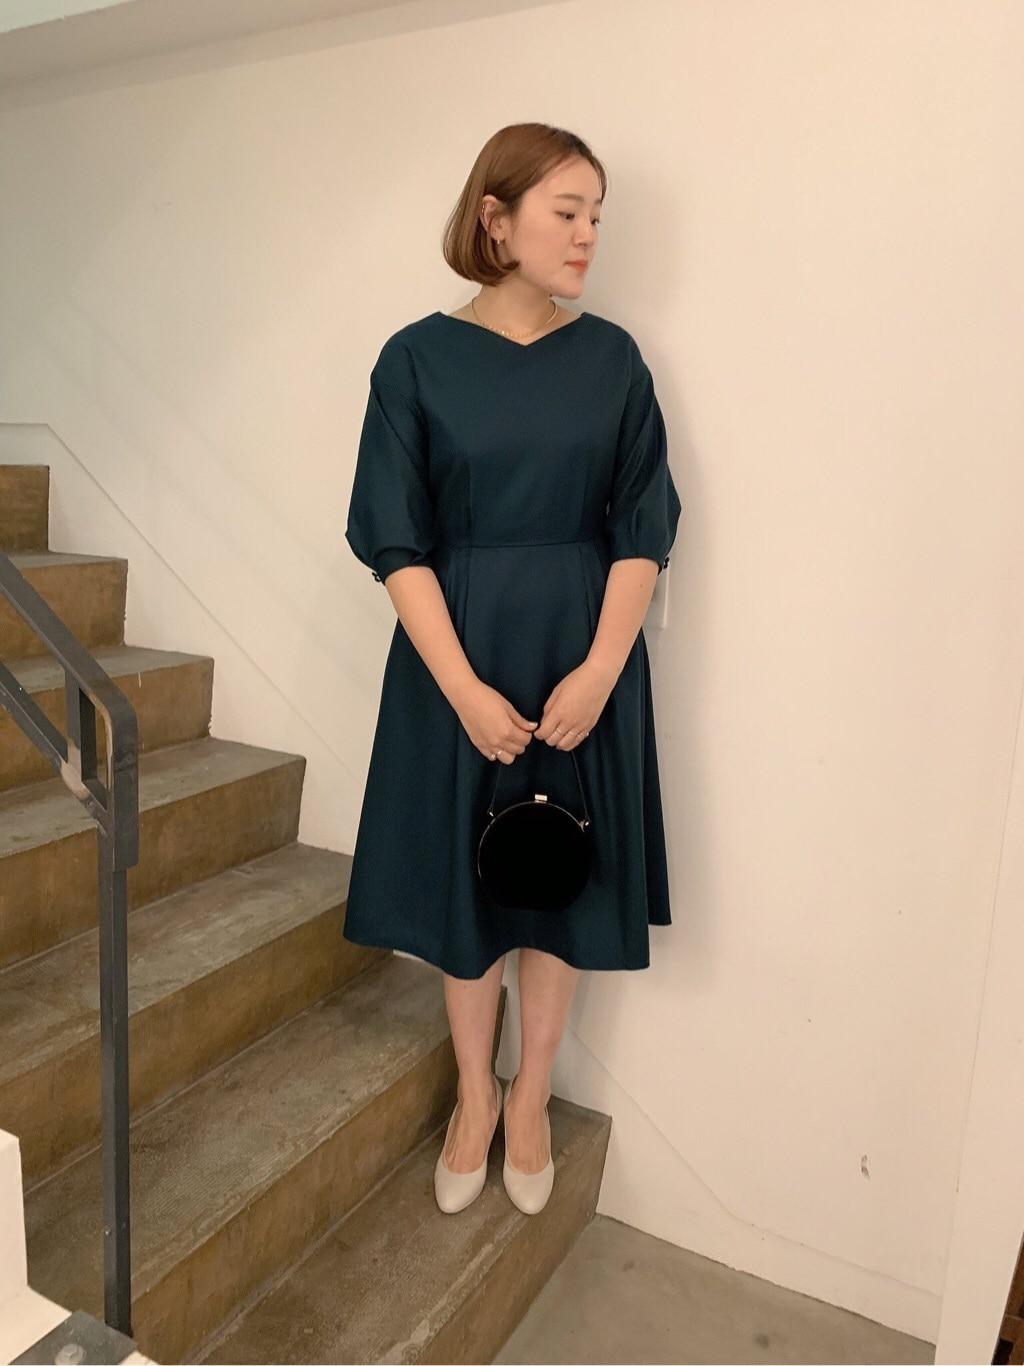 l'atelier du savon 京都路面 身長:166cm 2019.10.17